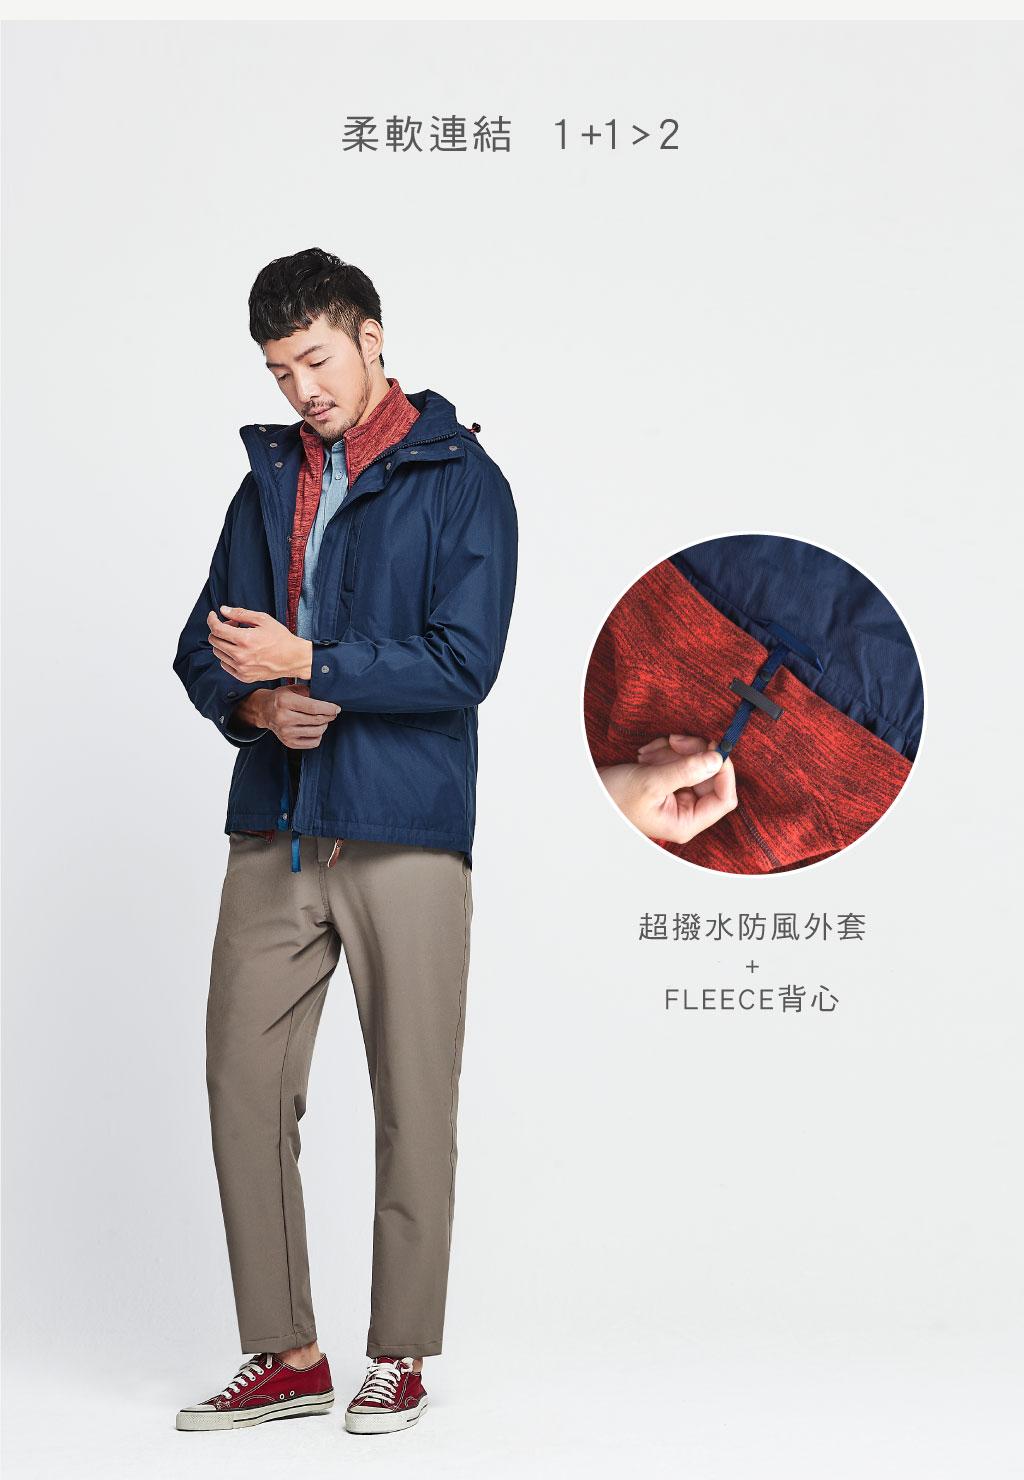 超撥水棉男防風可拆帽外套-都會休閒-外套-宜而爽 YOURSUN|都會機能舒適生活服飾